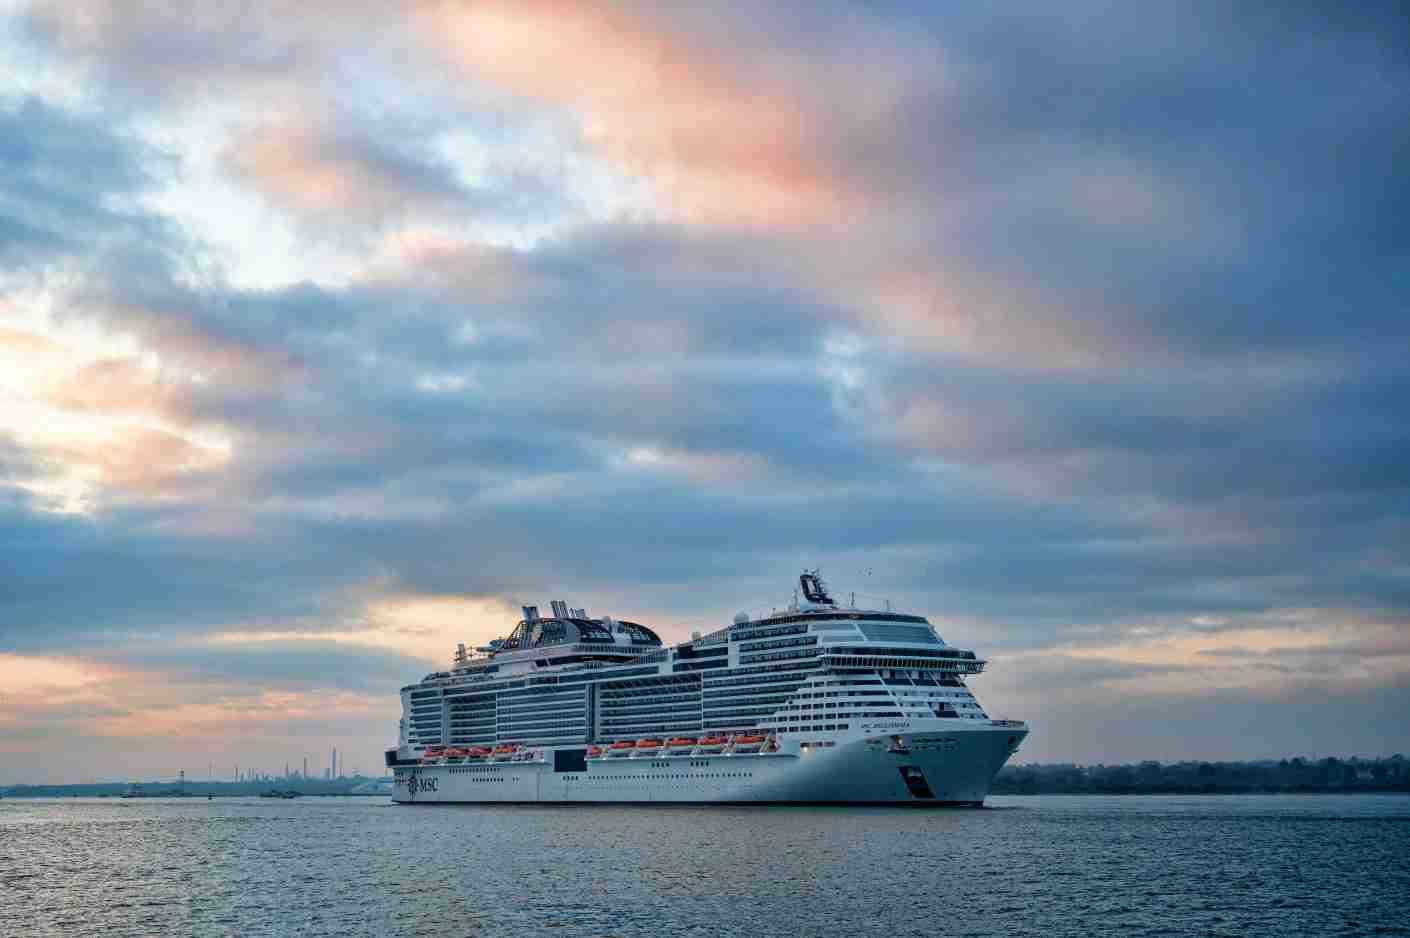 MSC Bellissima. (Photo courtesy of MSC Cruises)